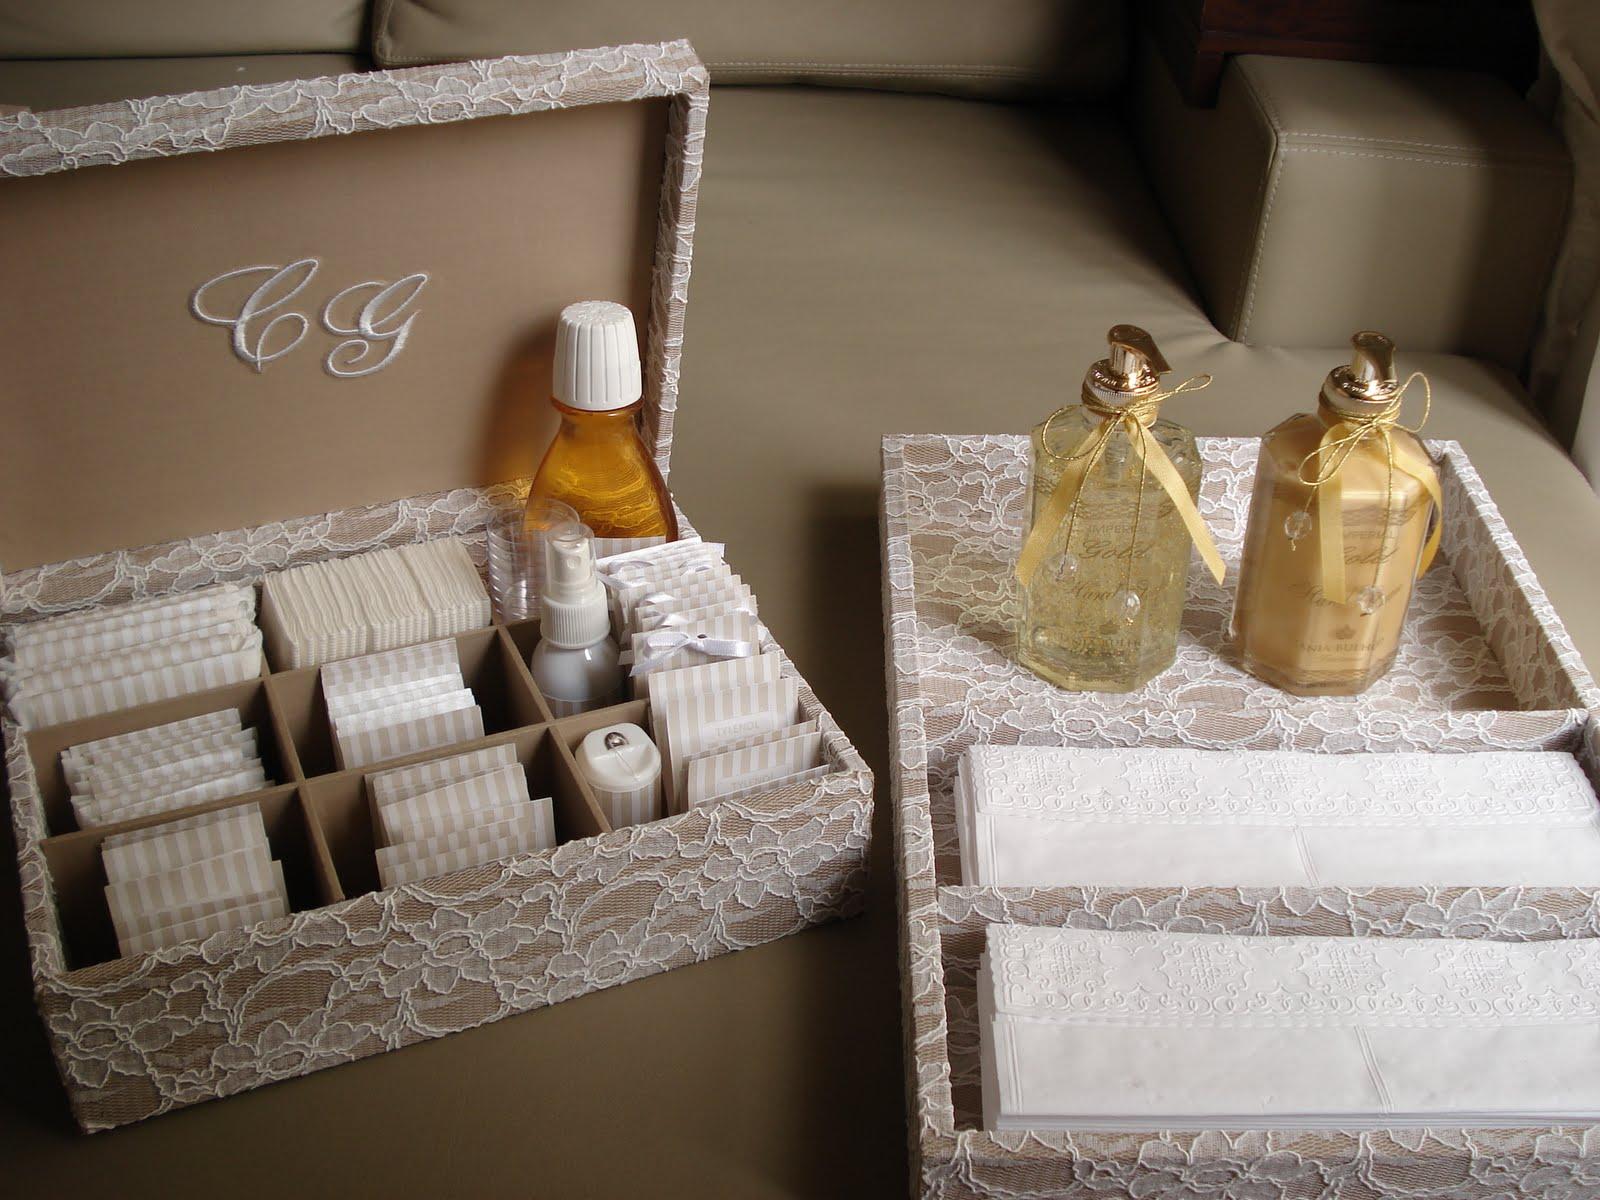 Personalizadas By Carla Colaferri: Kit Banheiro de Renda Francesa #A0752B 1600x1200 Acessorios Banheiro Casamento